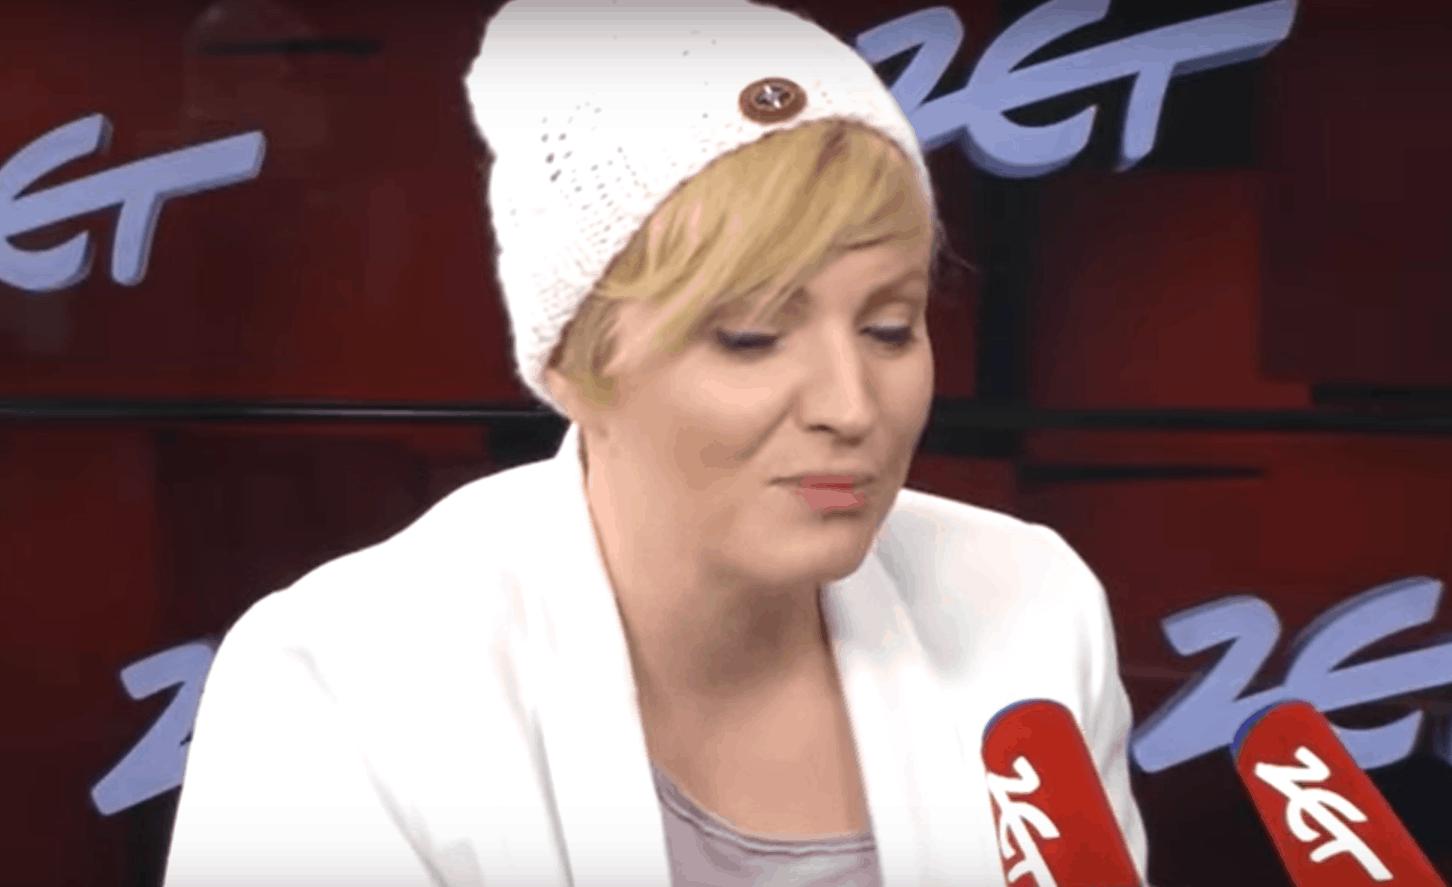 Dorota Szelągowska zdobyła się na trudne wyznanie: ojczym zgotował jej piekło, stosował przemoc, a gwiazda TVN była katowana fizycznie i psychicznie